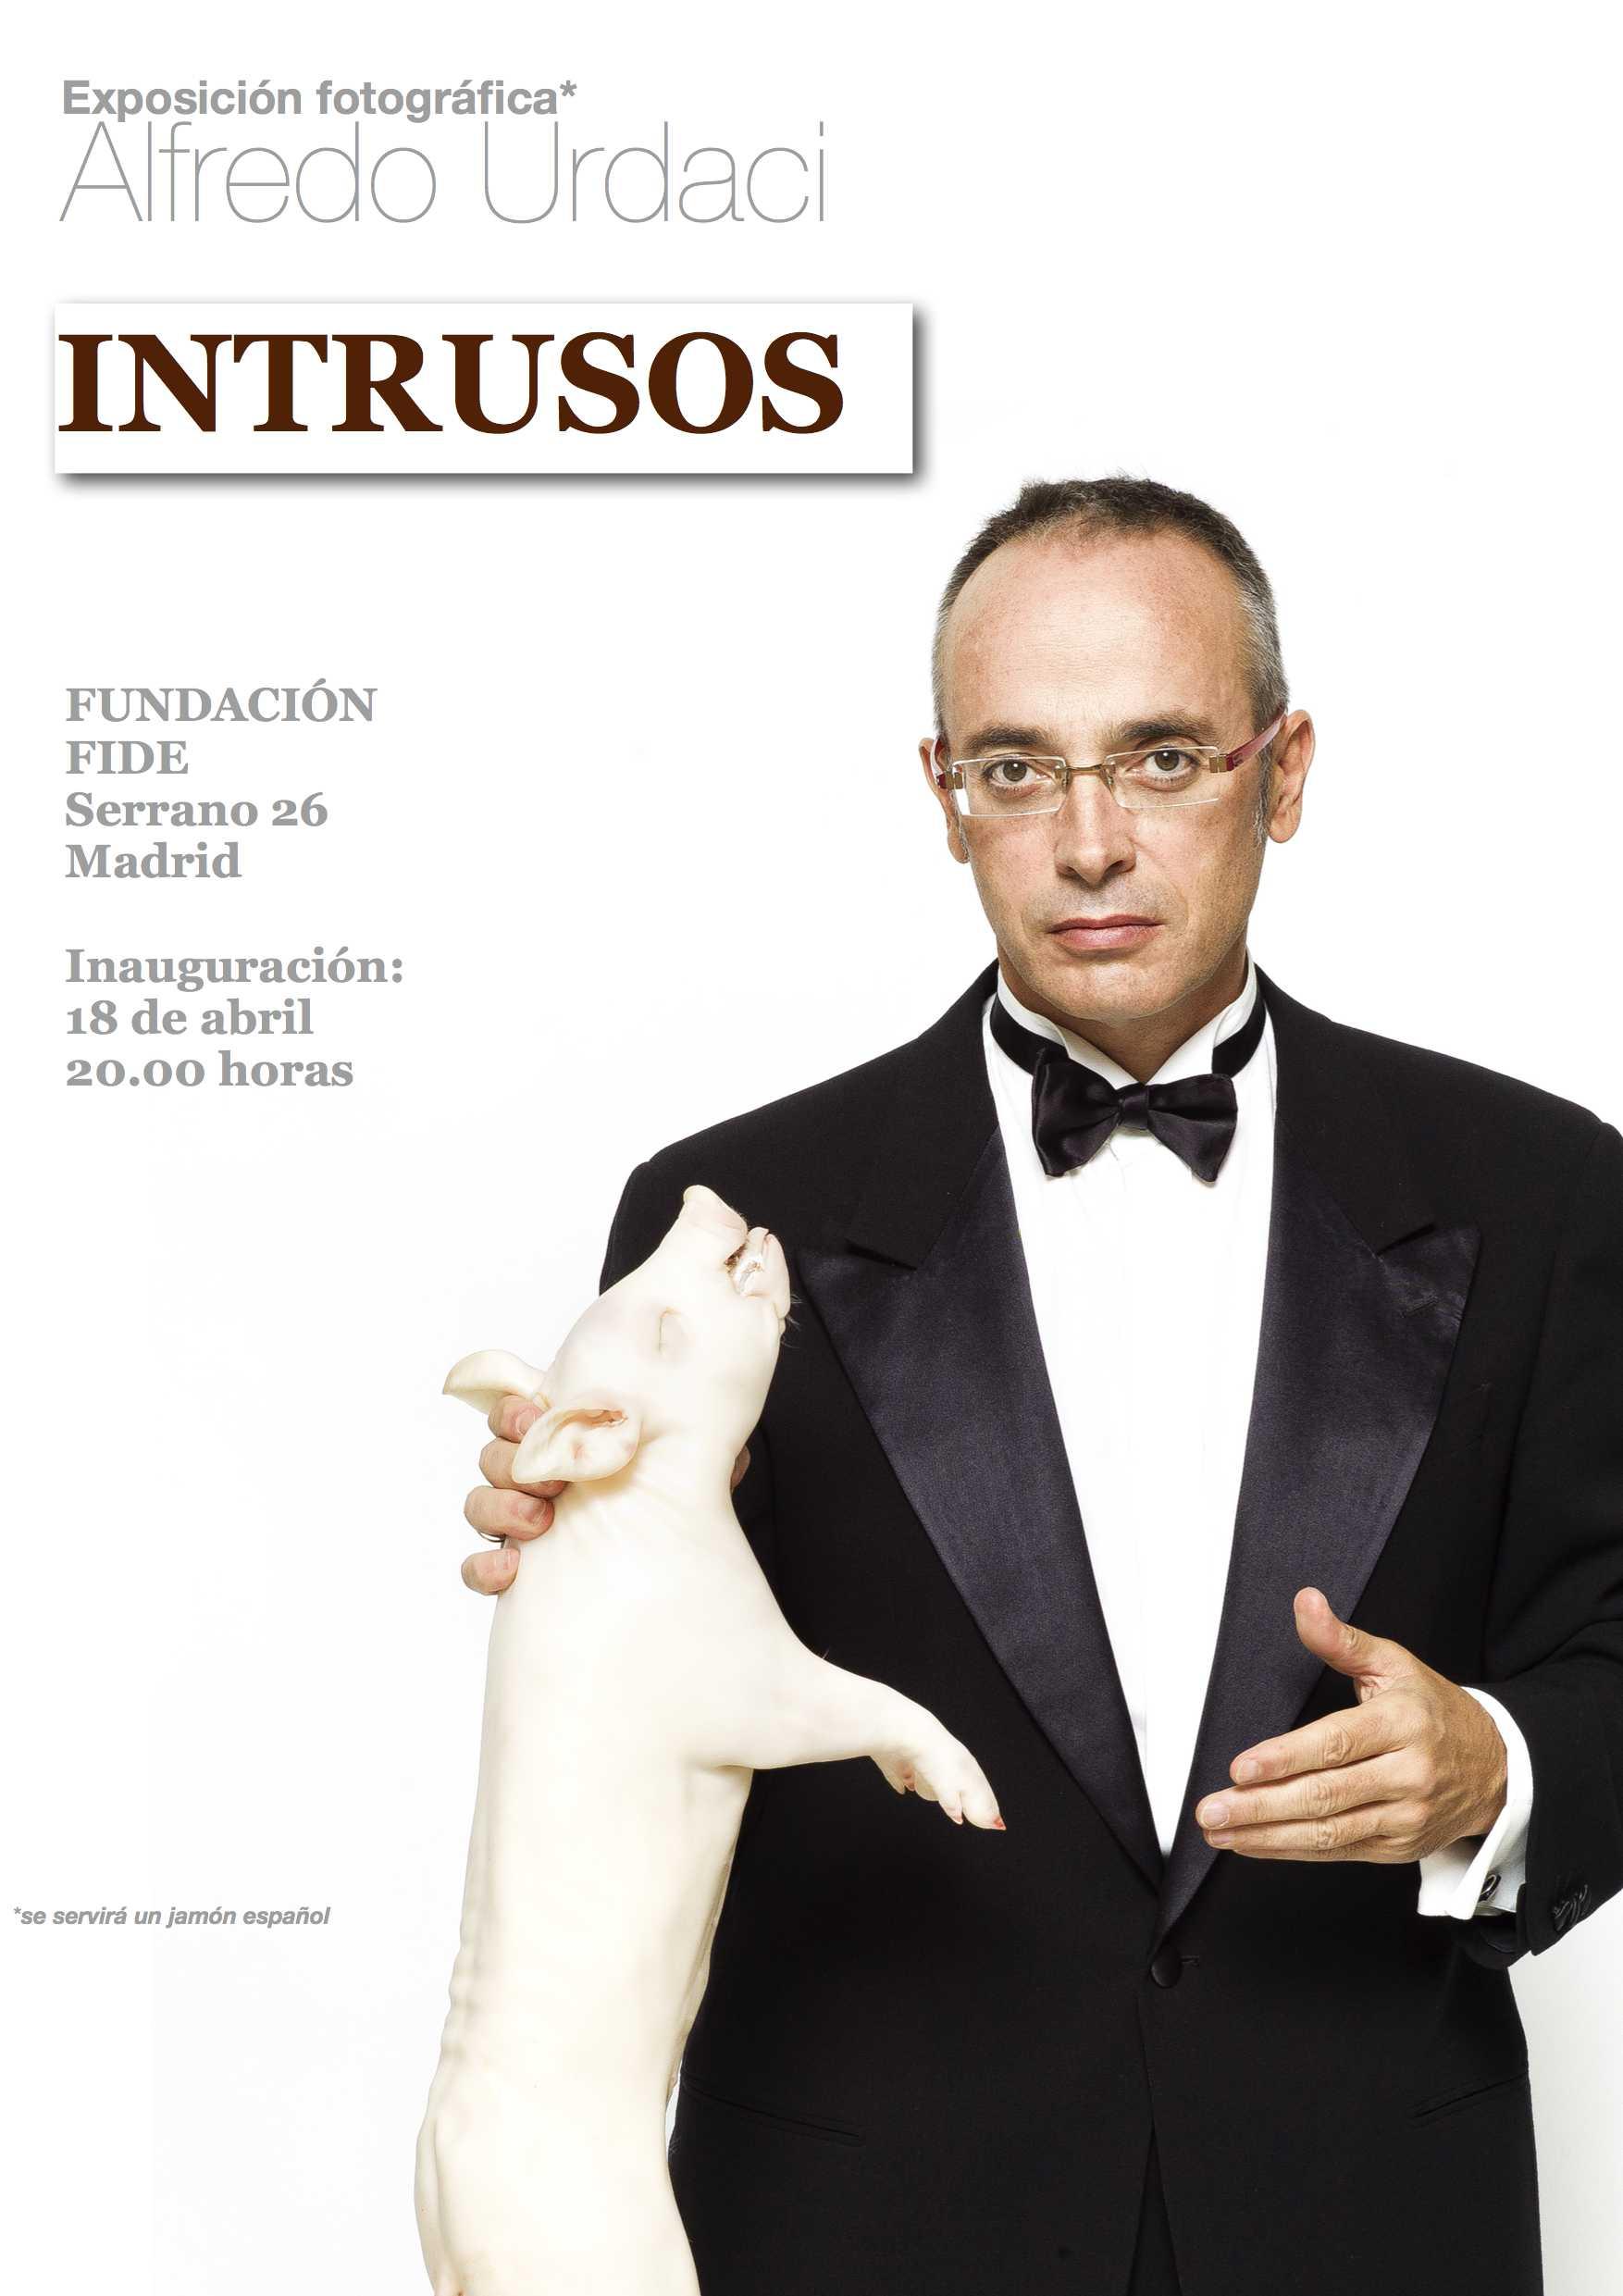 Exposición fotográfica de Alfredo Urdaci. Invitación